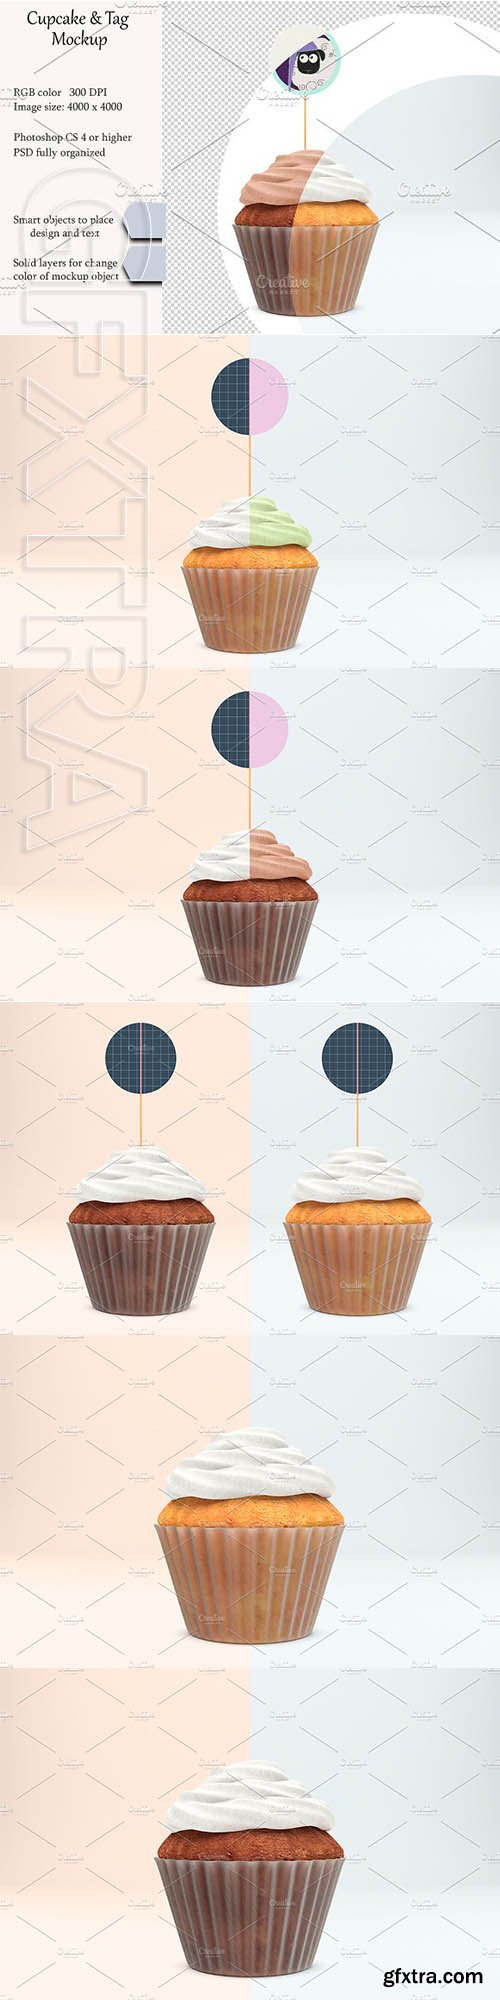 CreativeMarket - Cupcake tag mockup PSD mockup 3112357